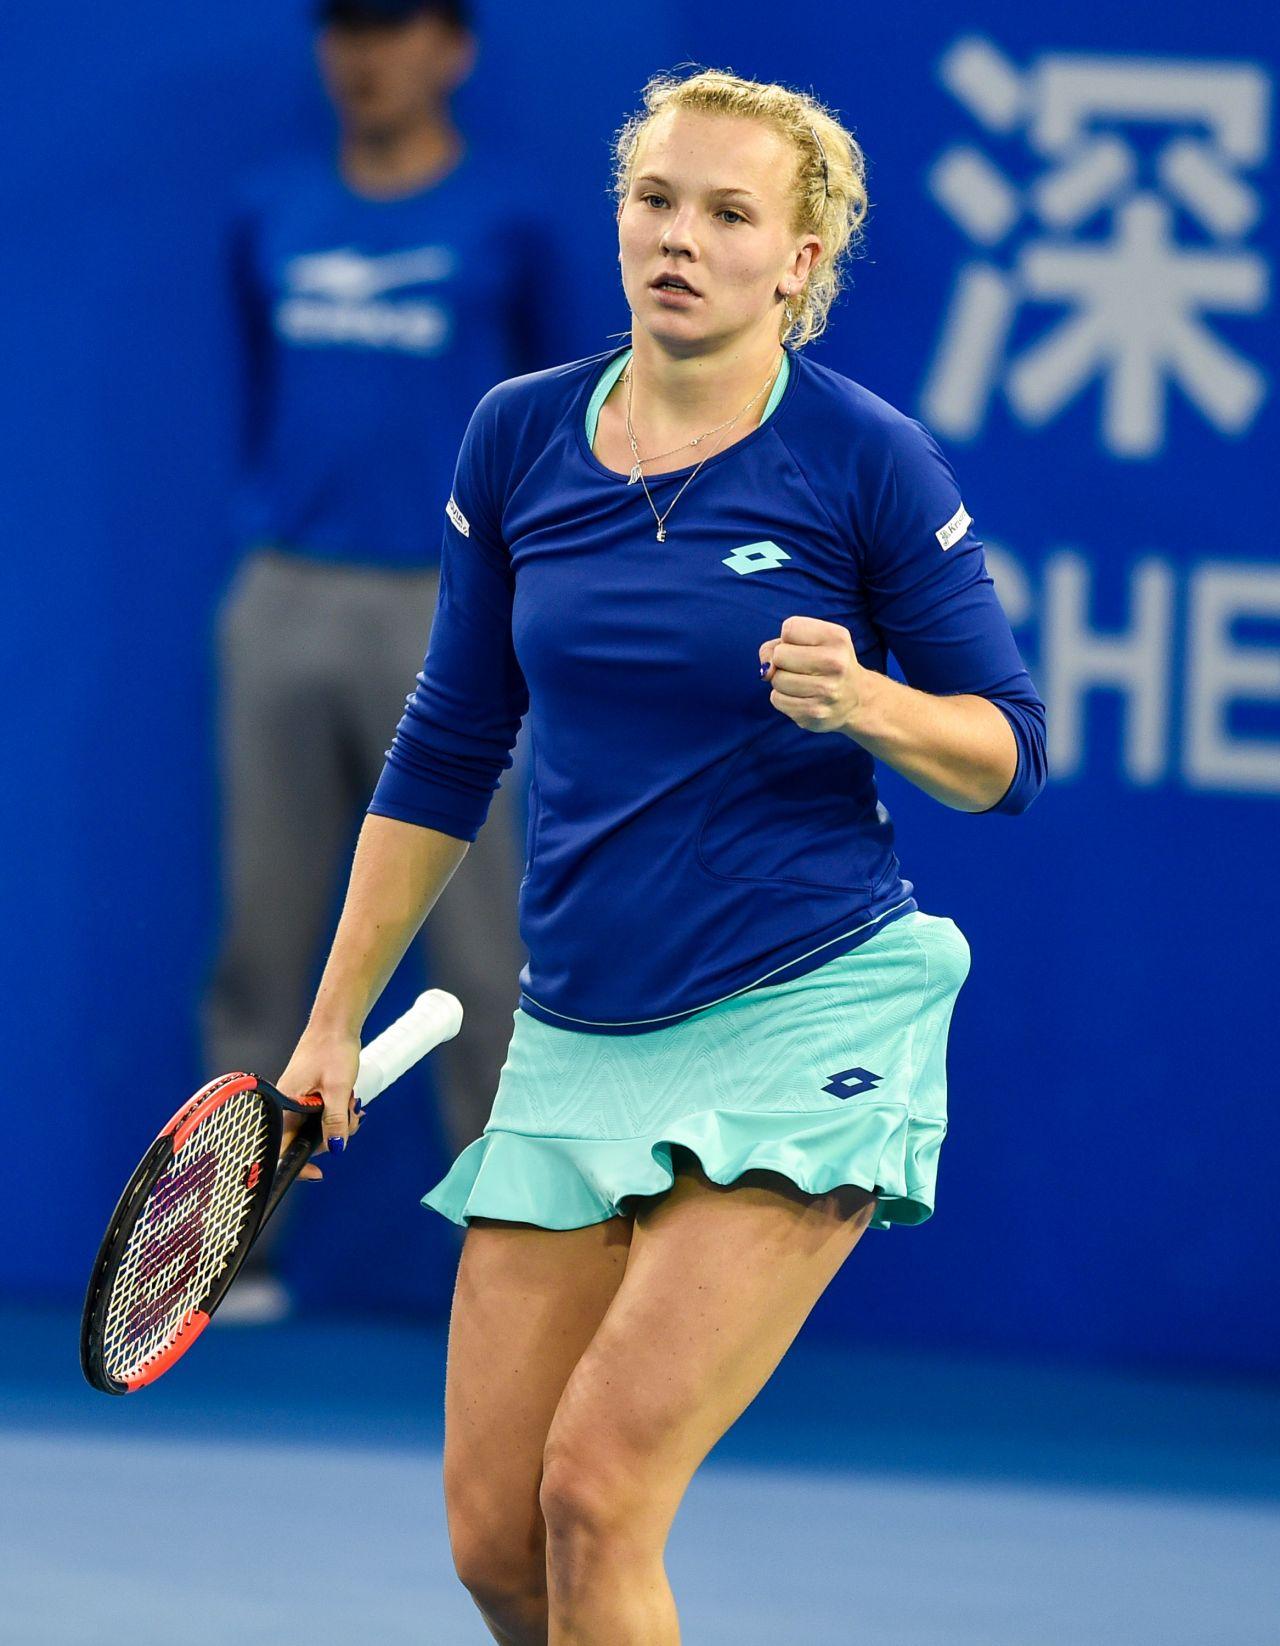 Katerina Siniakova - 2018 Shenzen WTA International Open in Shenzen